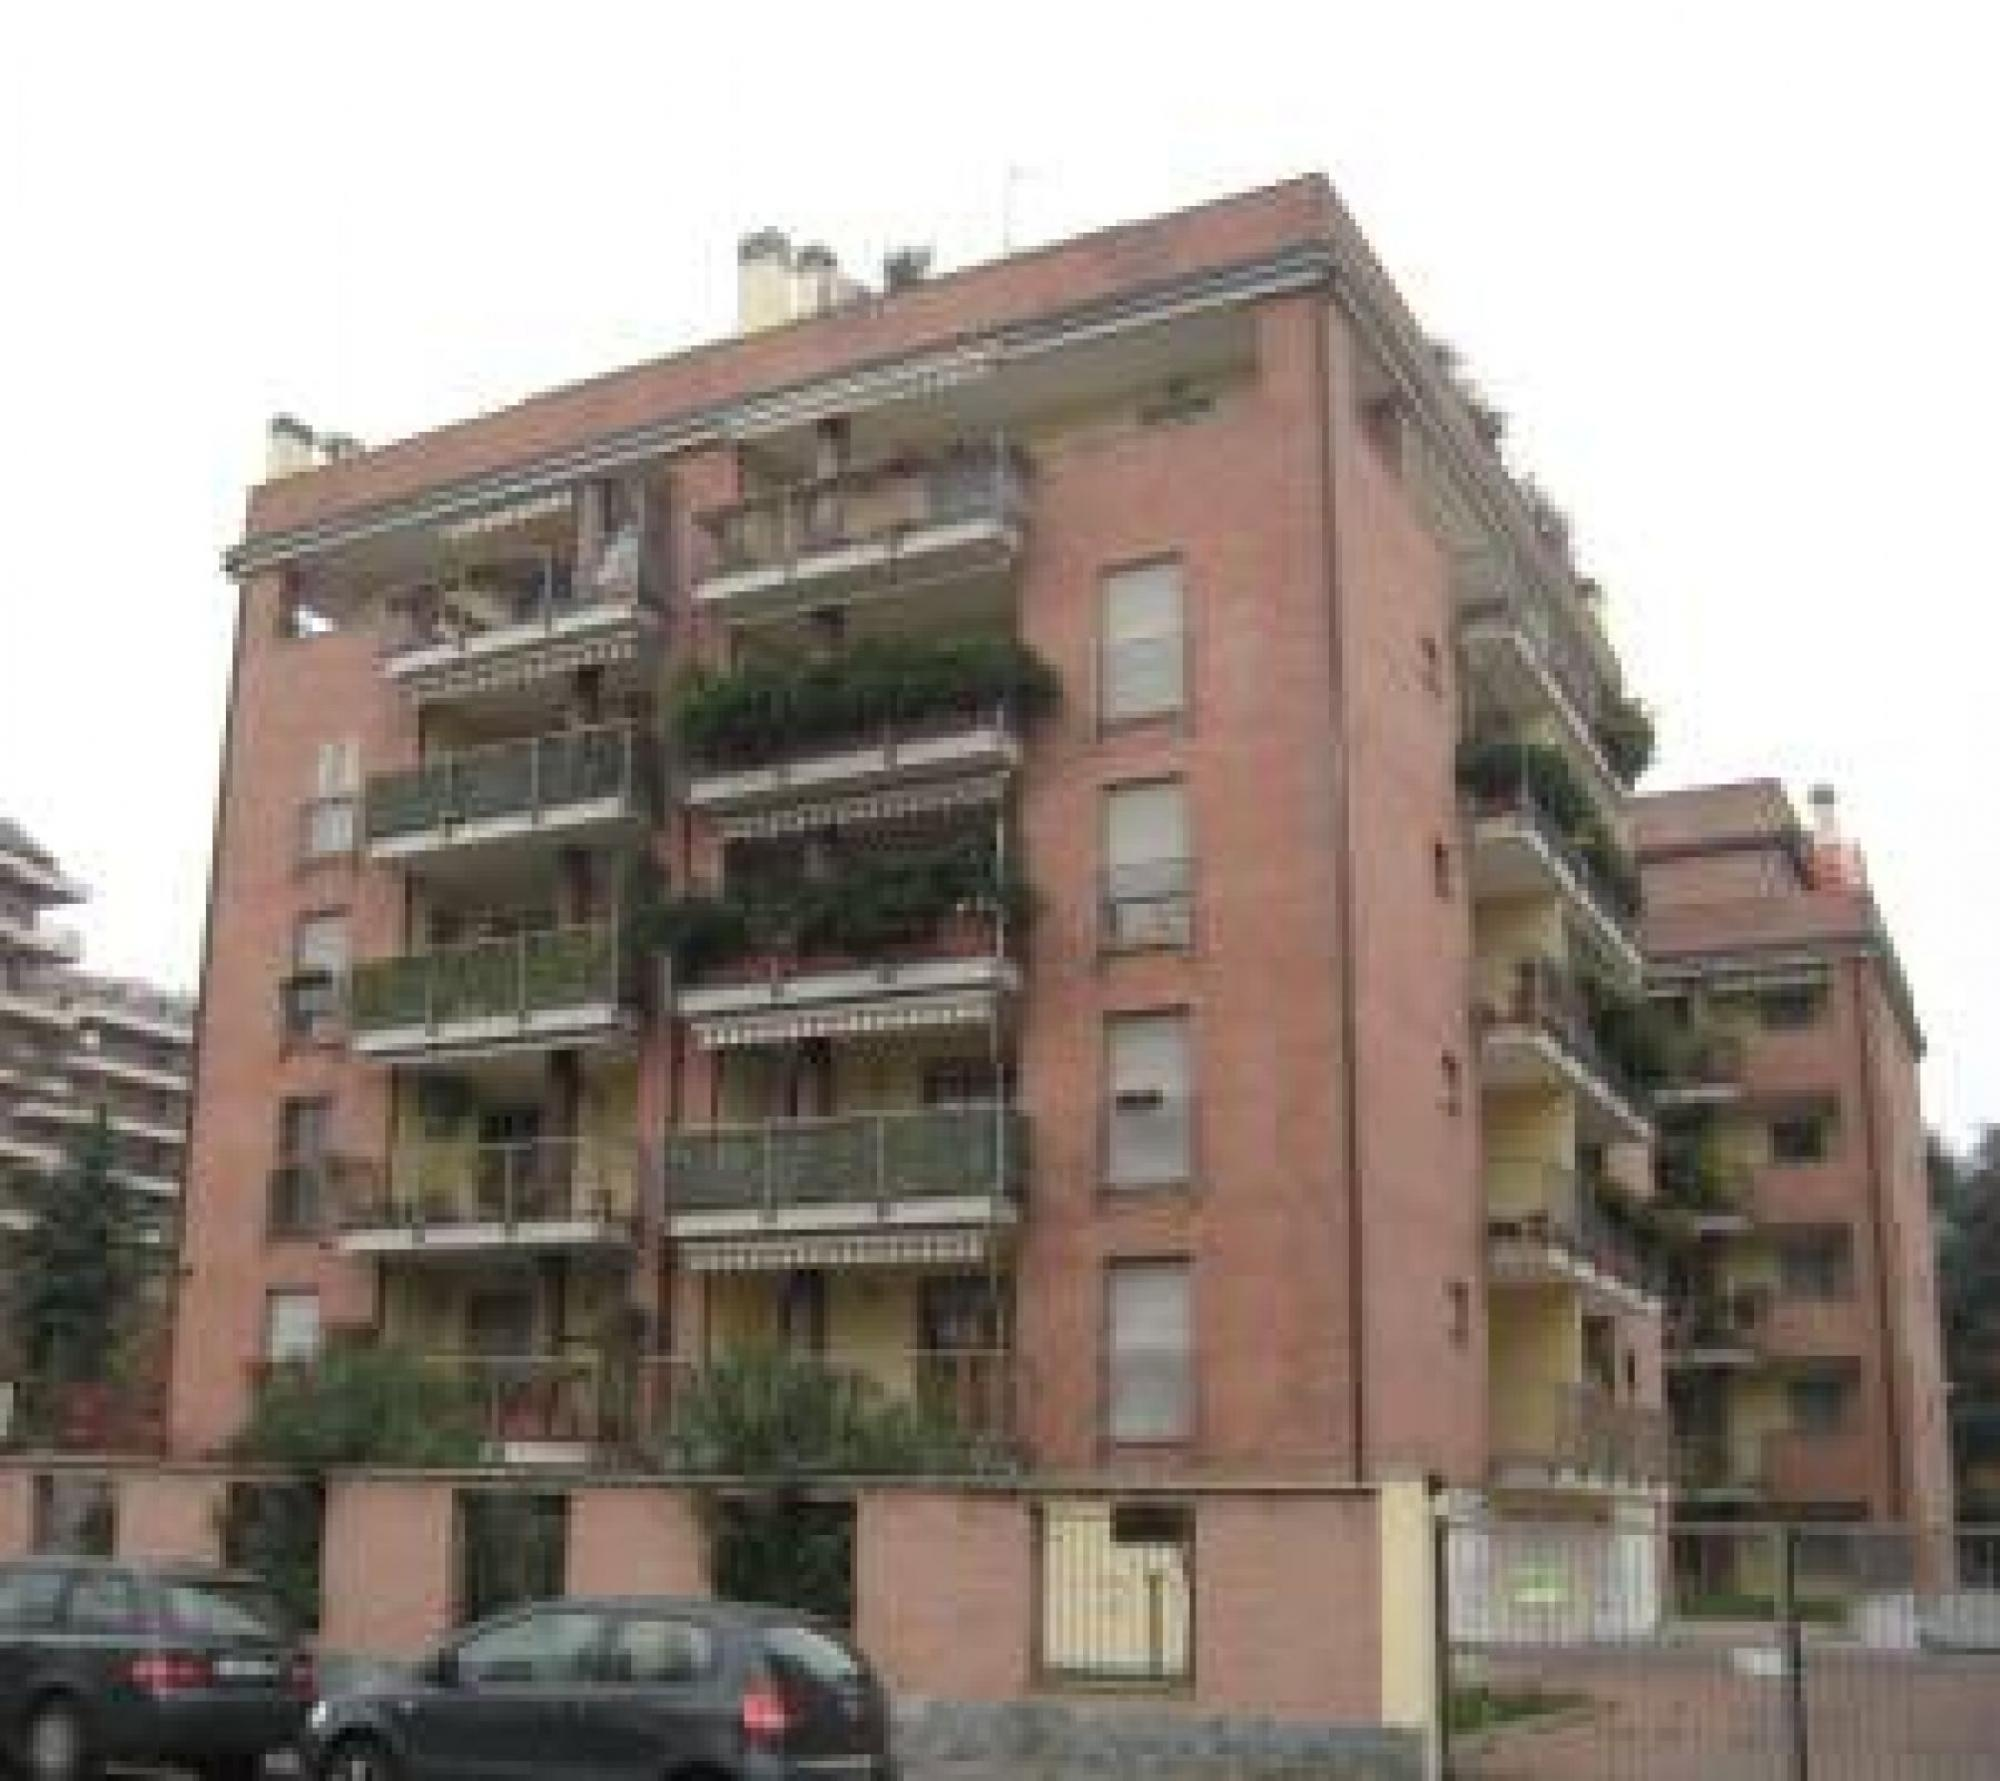 Via novara 70 mh32 agenzia immobiliare milano for Immobiliare milano